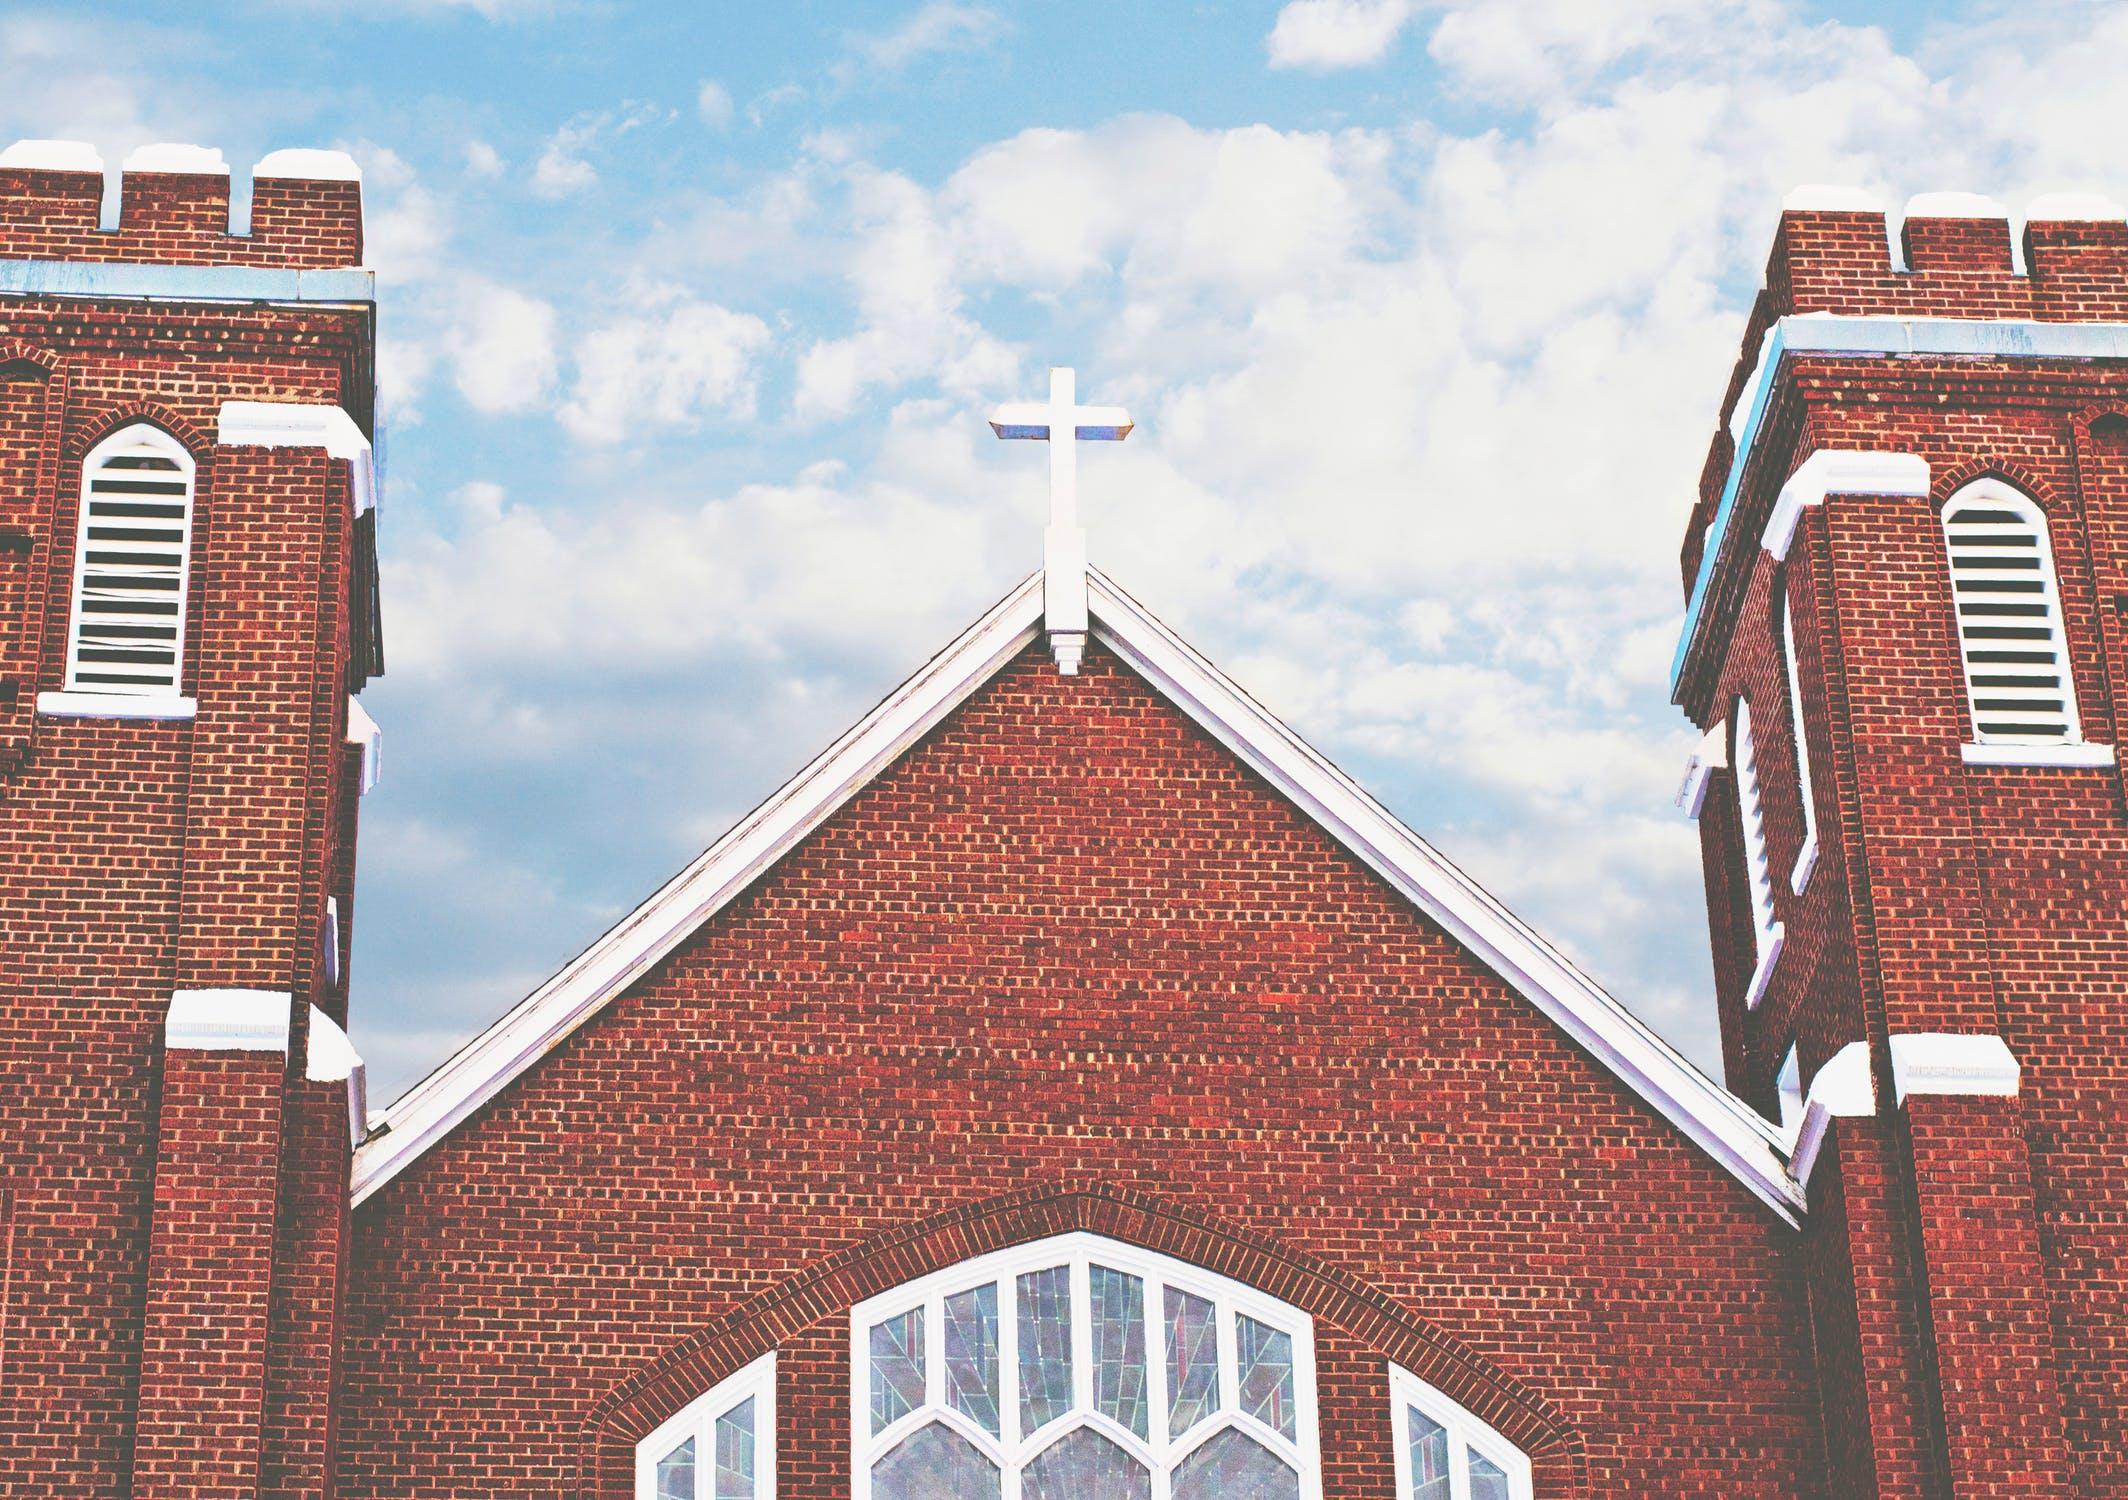 Kaip pasirinkti naują bažnyčią?